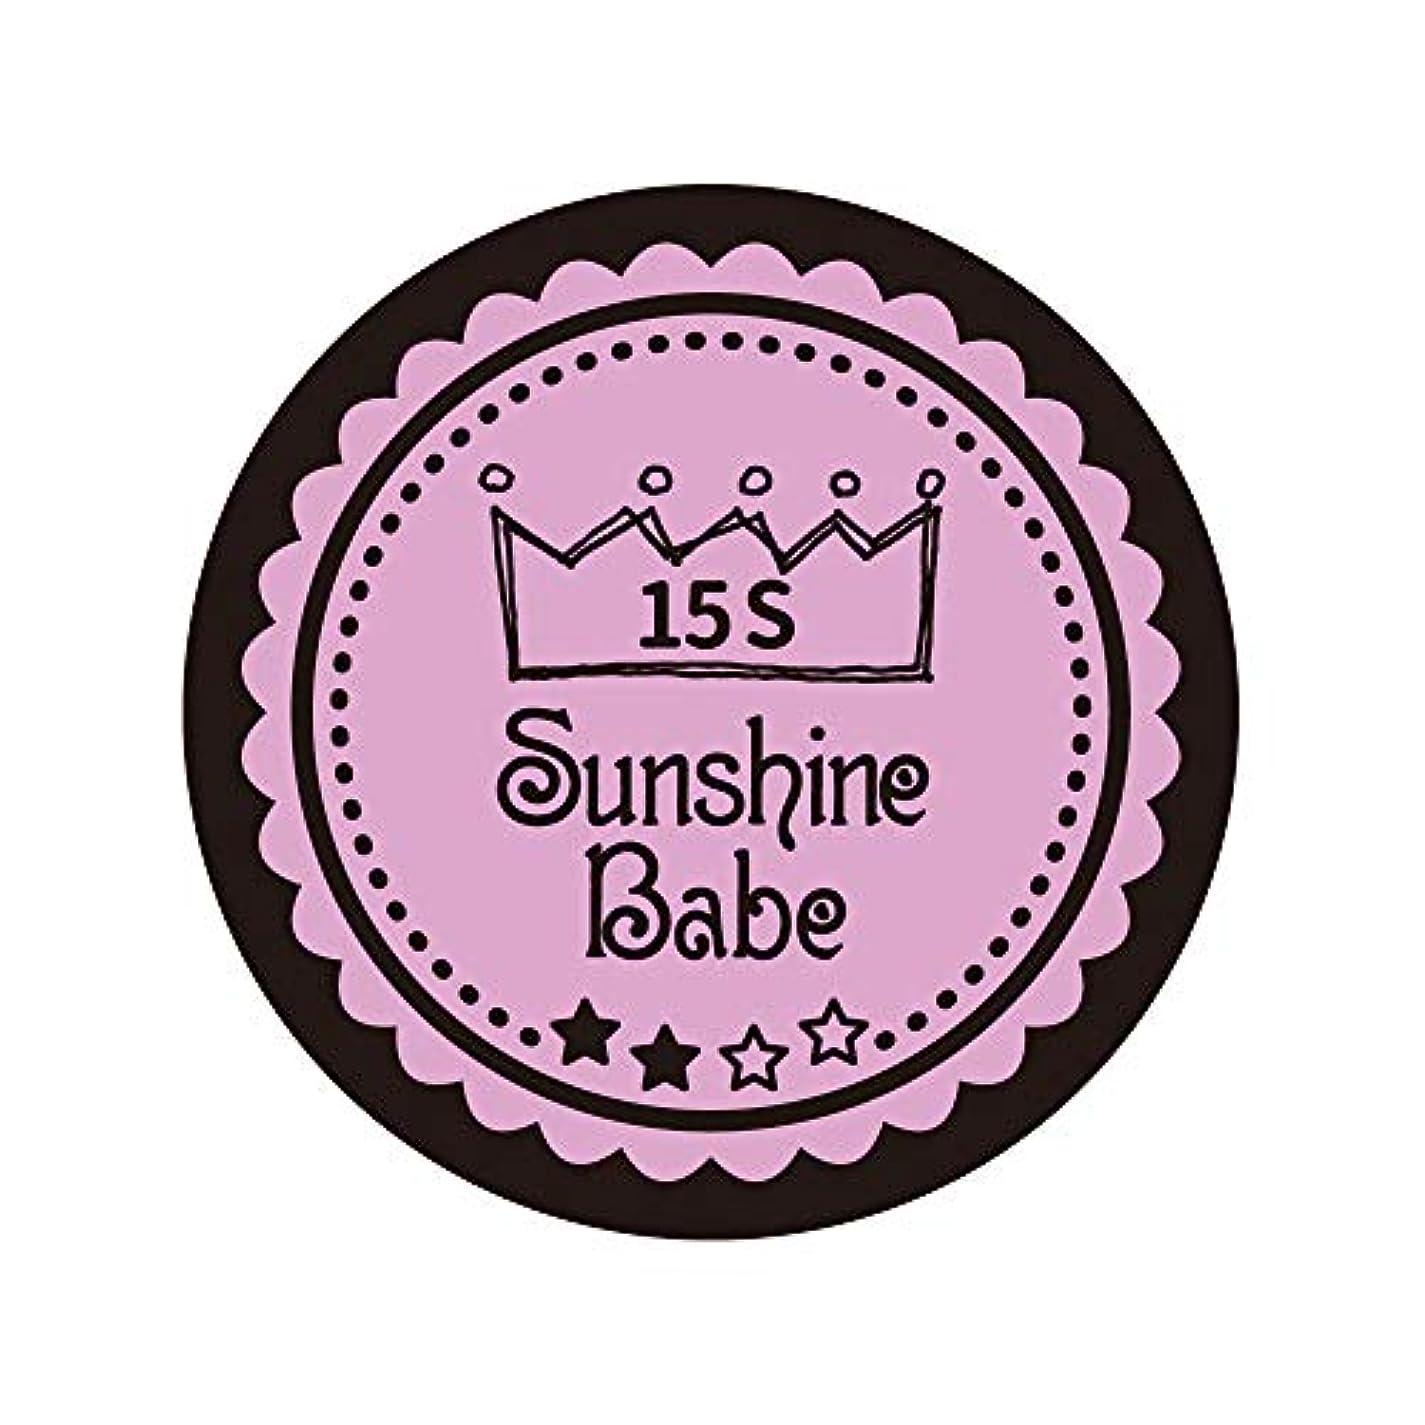 見習いコンベンション中庭Sunshine Babe カラージェル 15S ピンクラベンダー 2.7g UV/LED対応